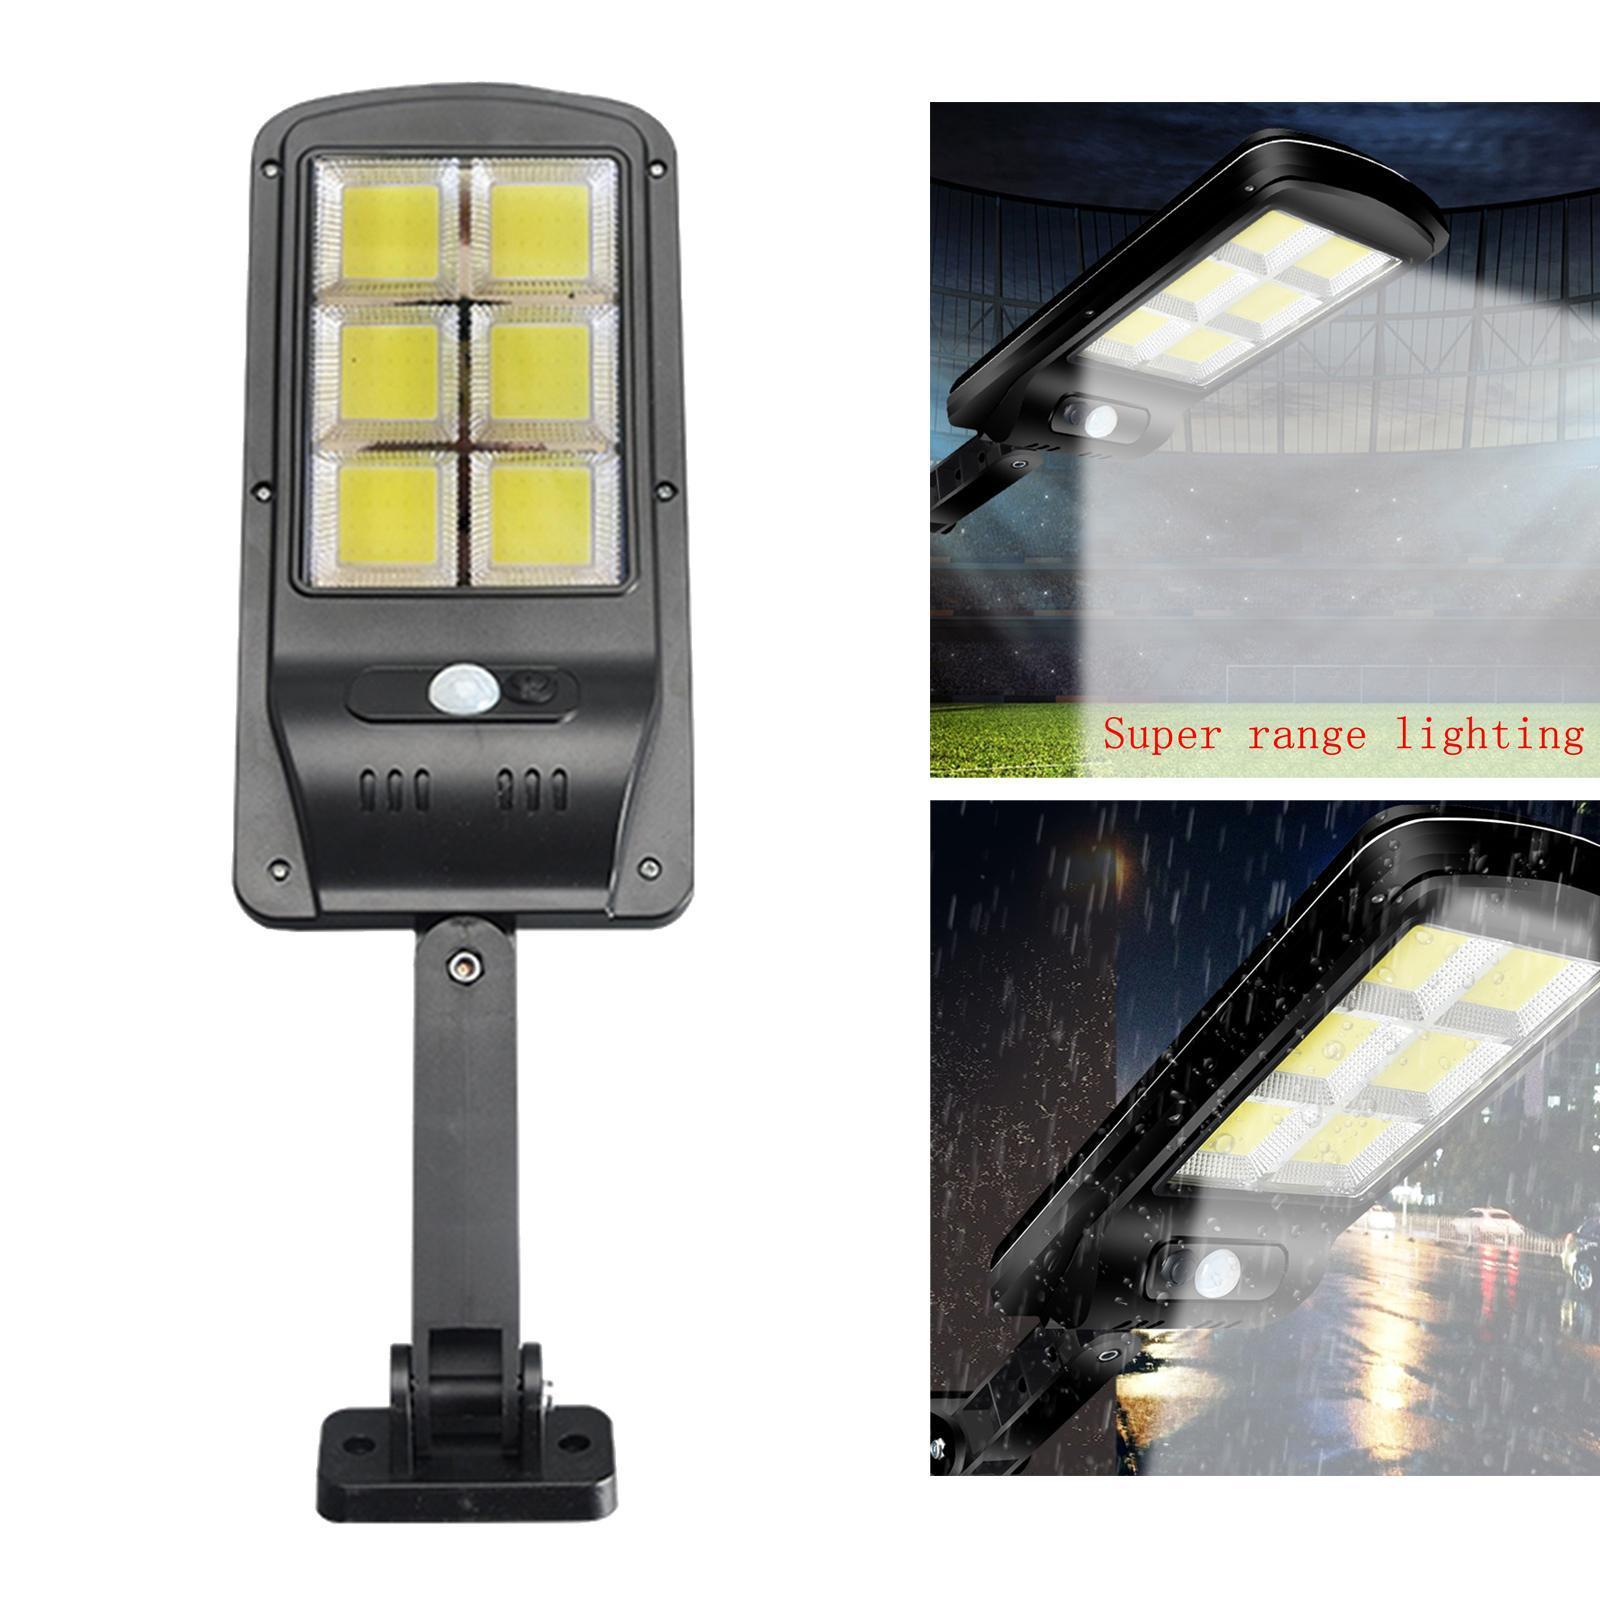 Corps-de-reverbere-a-LED-a-energie-solaire-detectant-la-lumiere miniatura 21